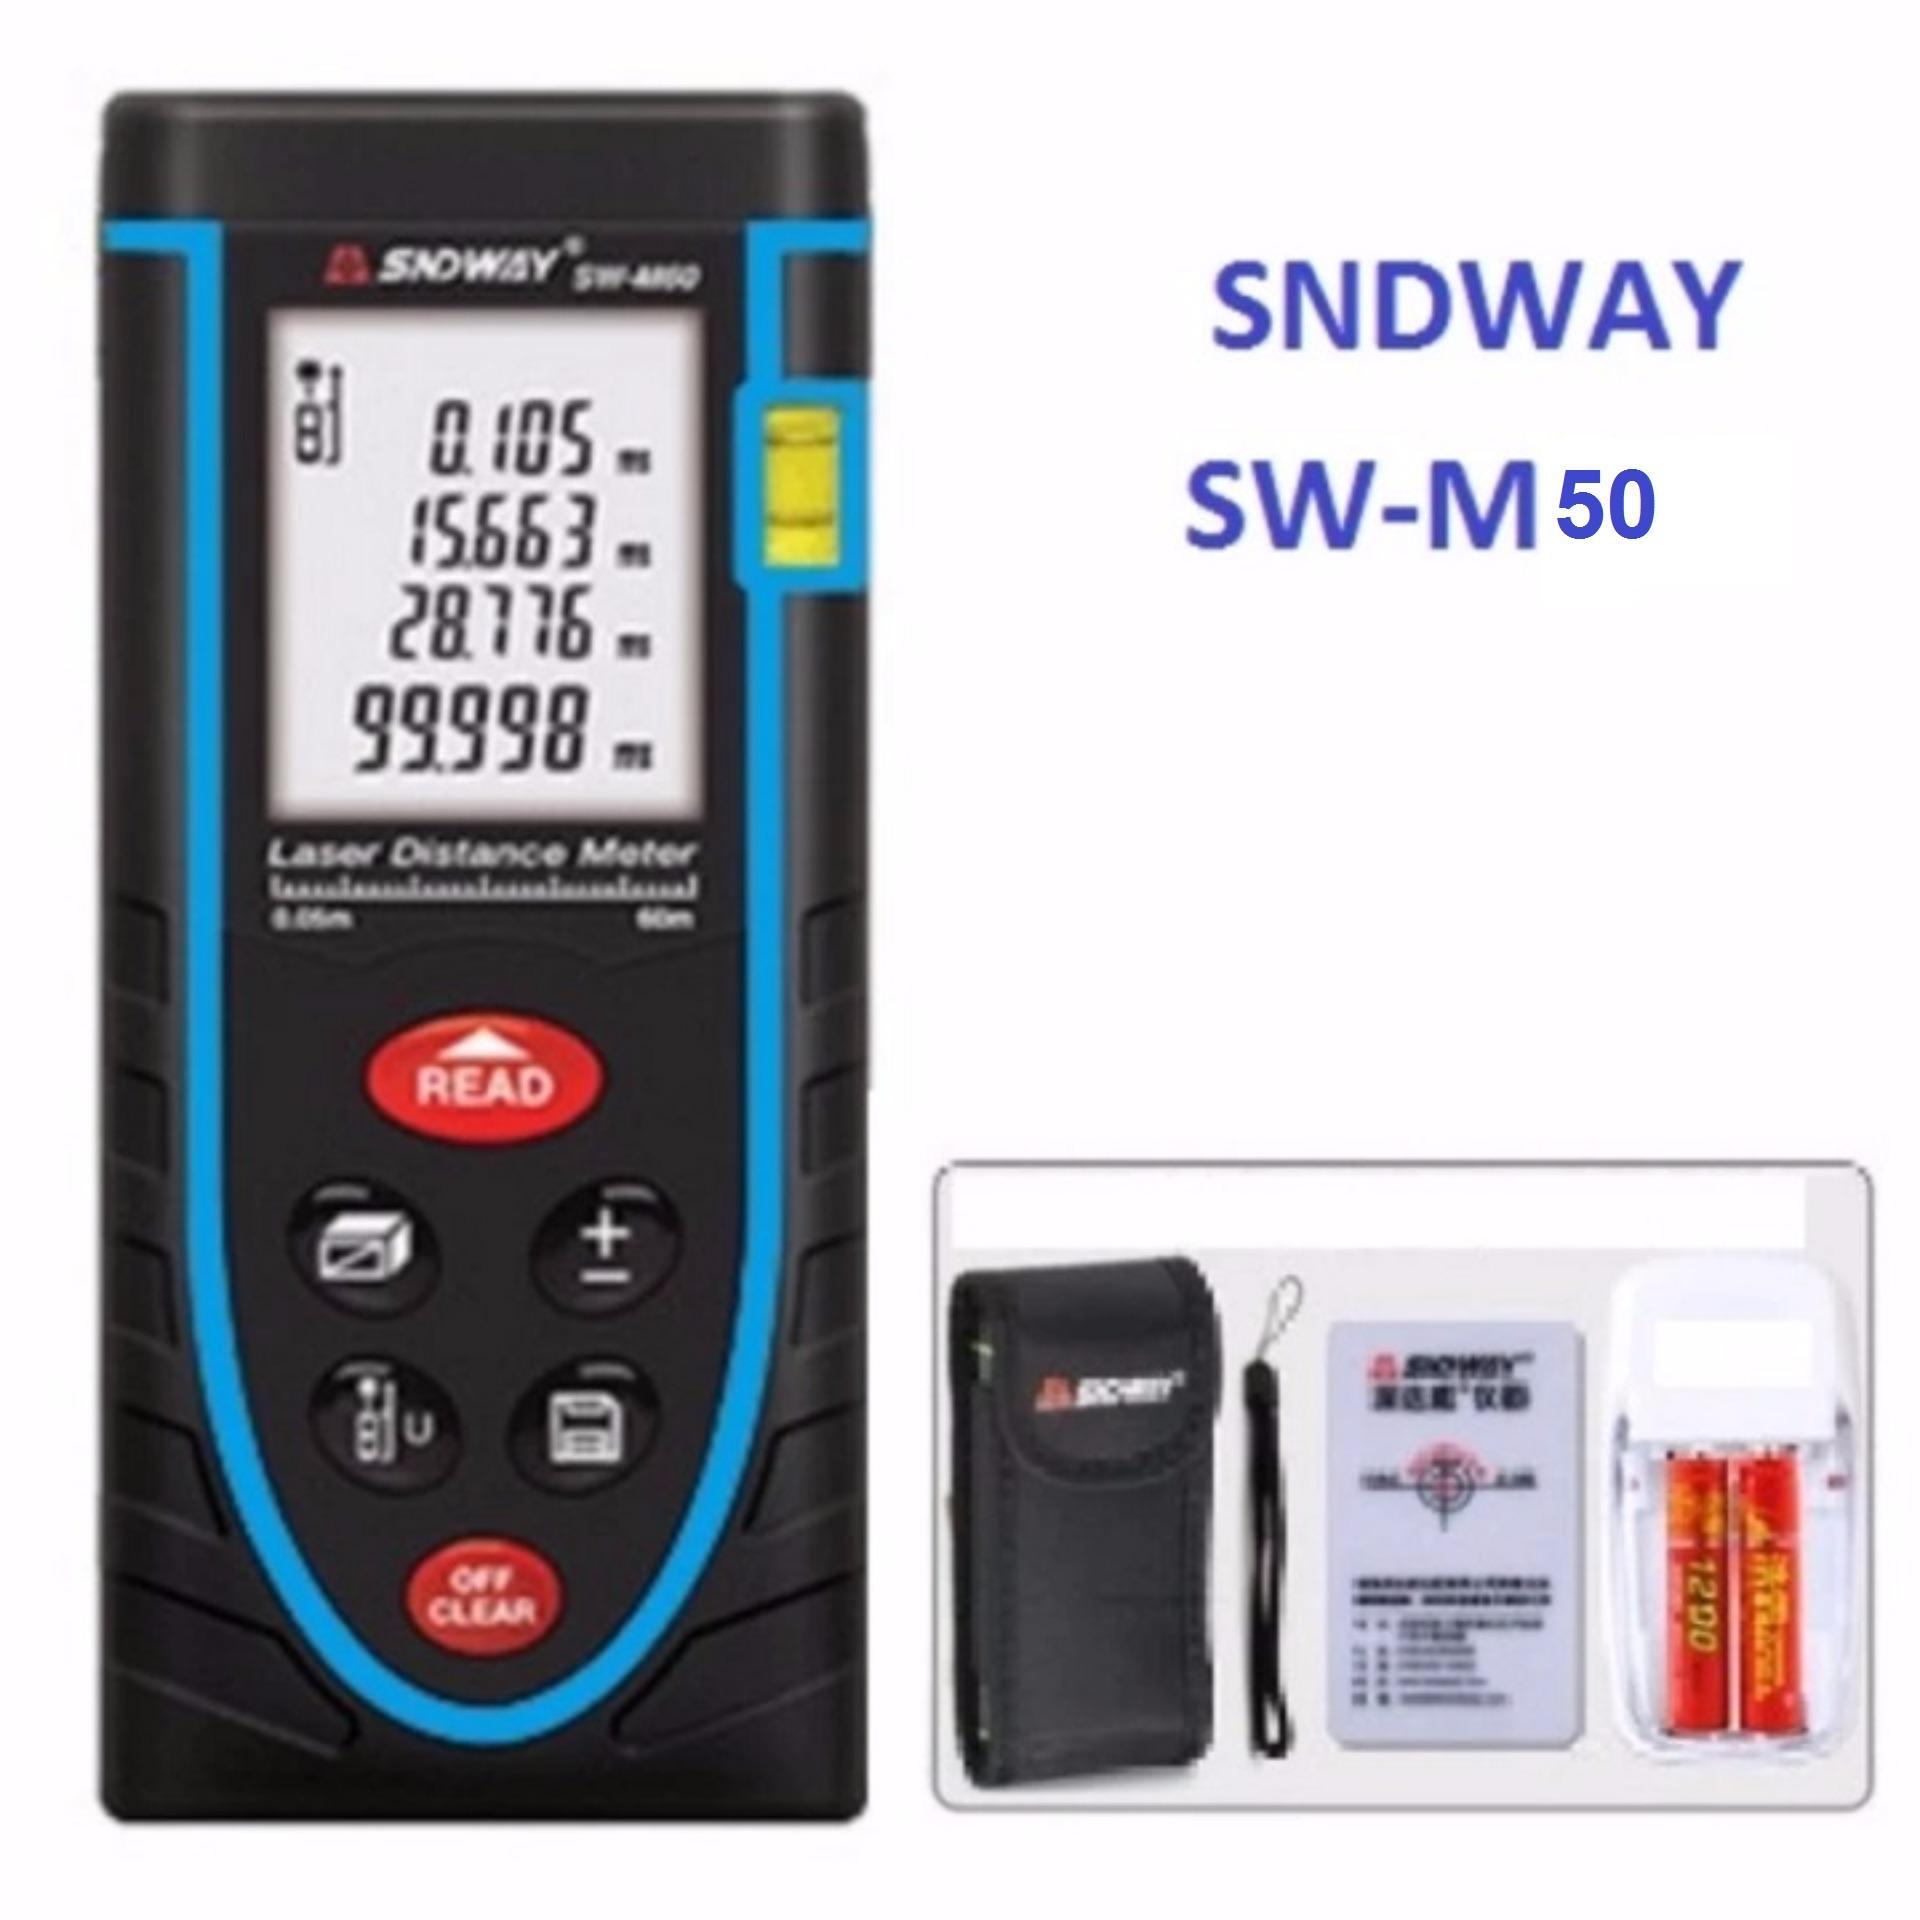 Hình ảnh Thước đo khoảng cách bằng tia laser SNDWAY SW-M50 phạm vi đo 50M